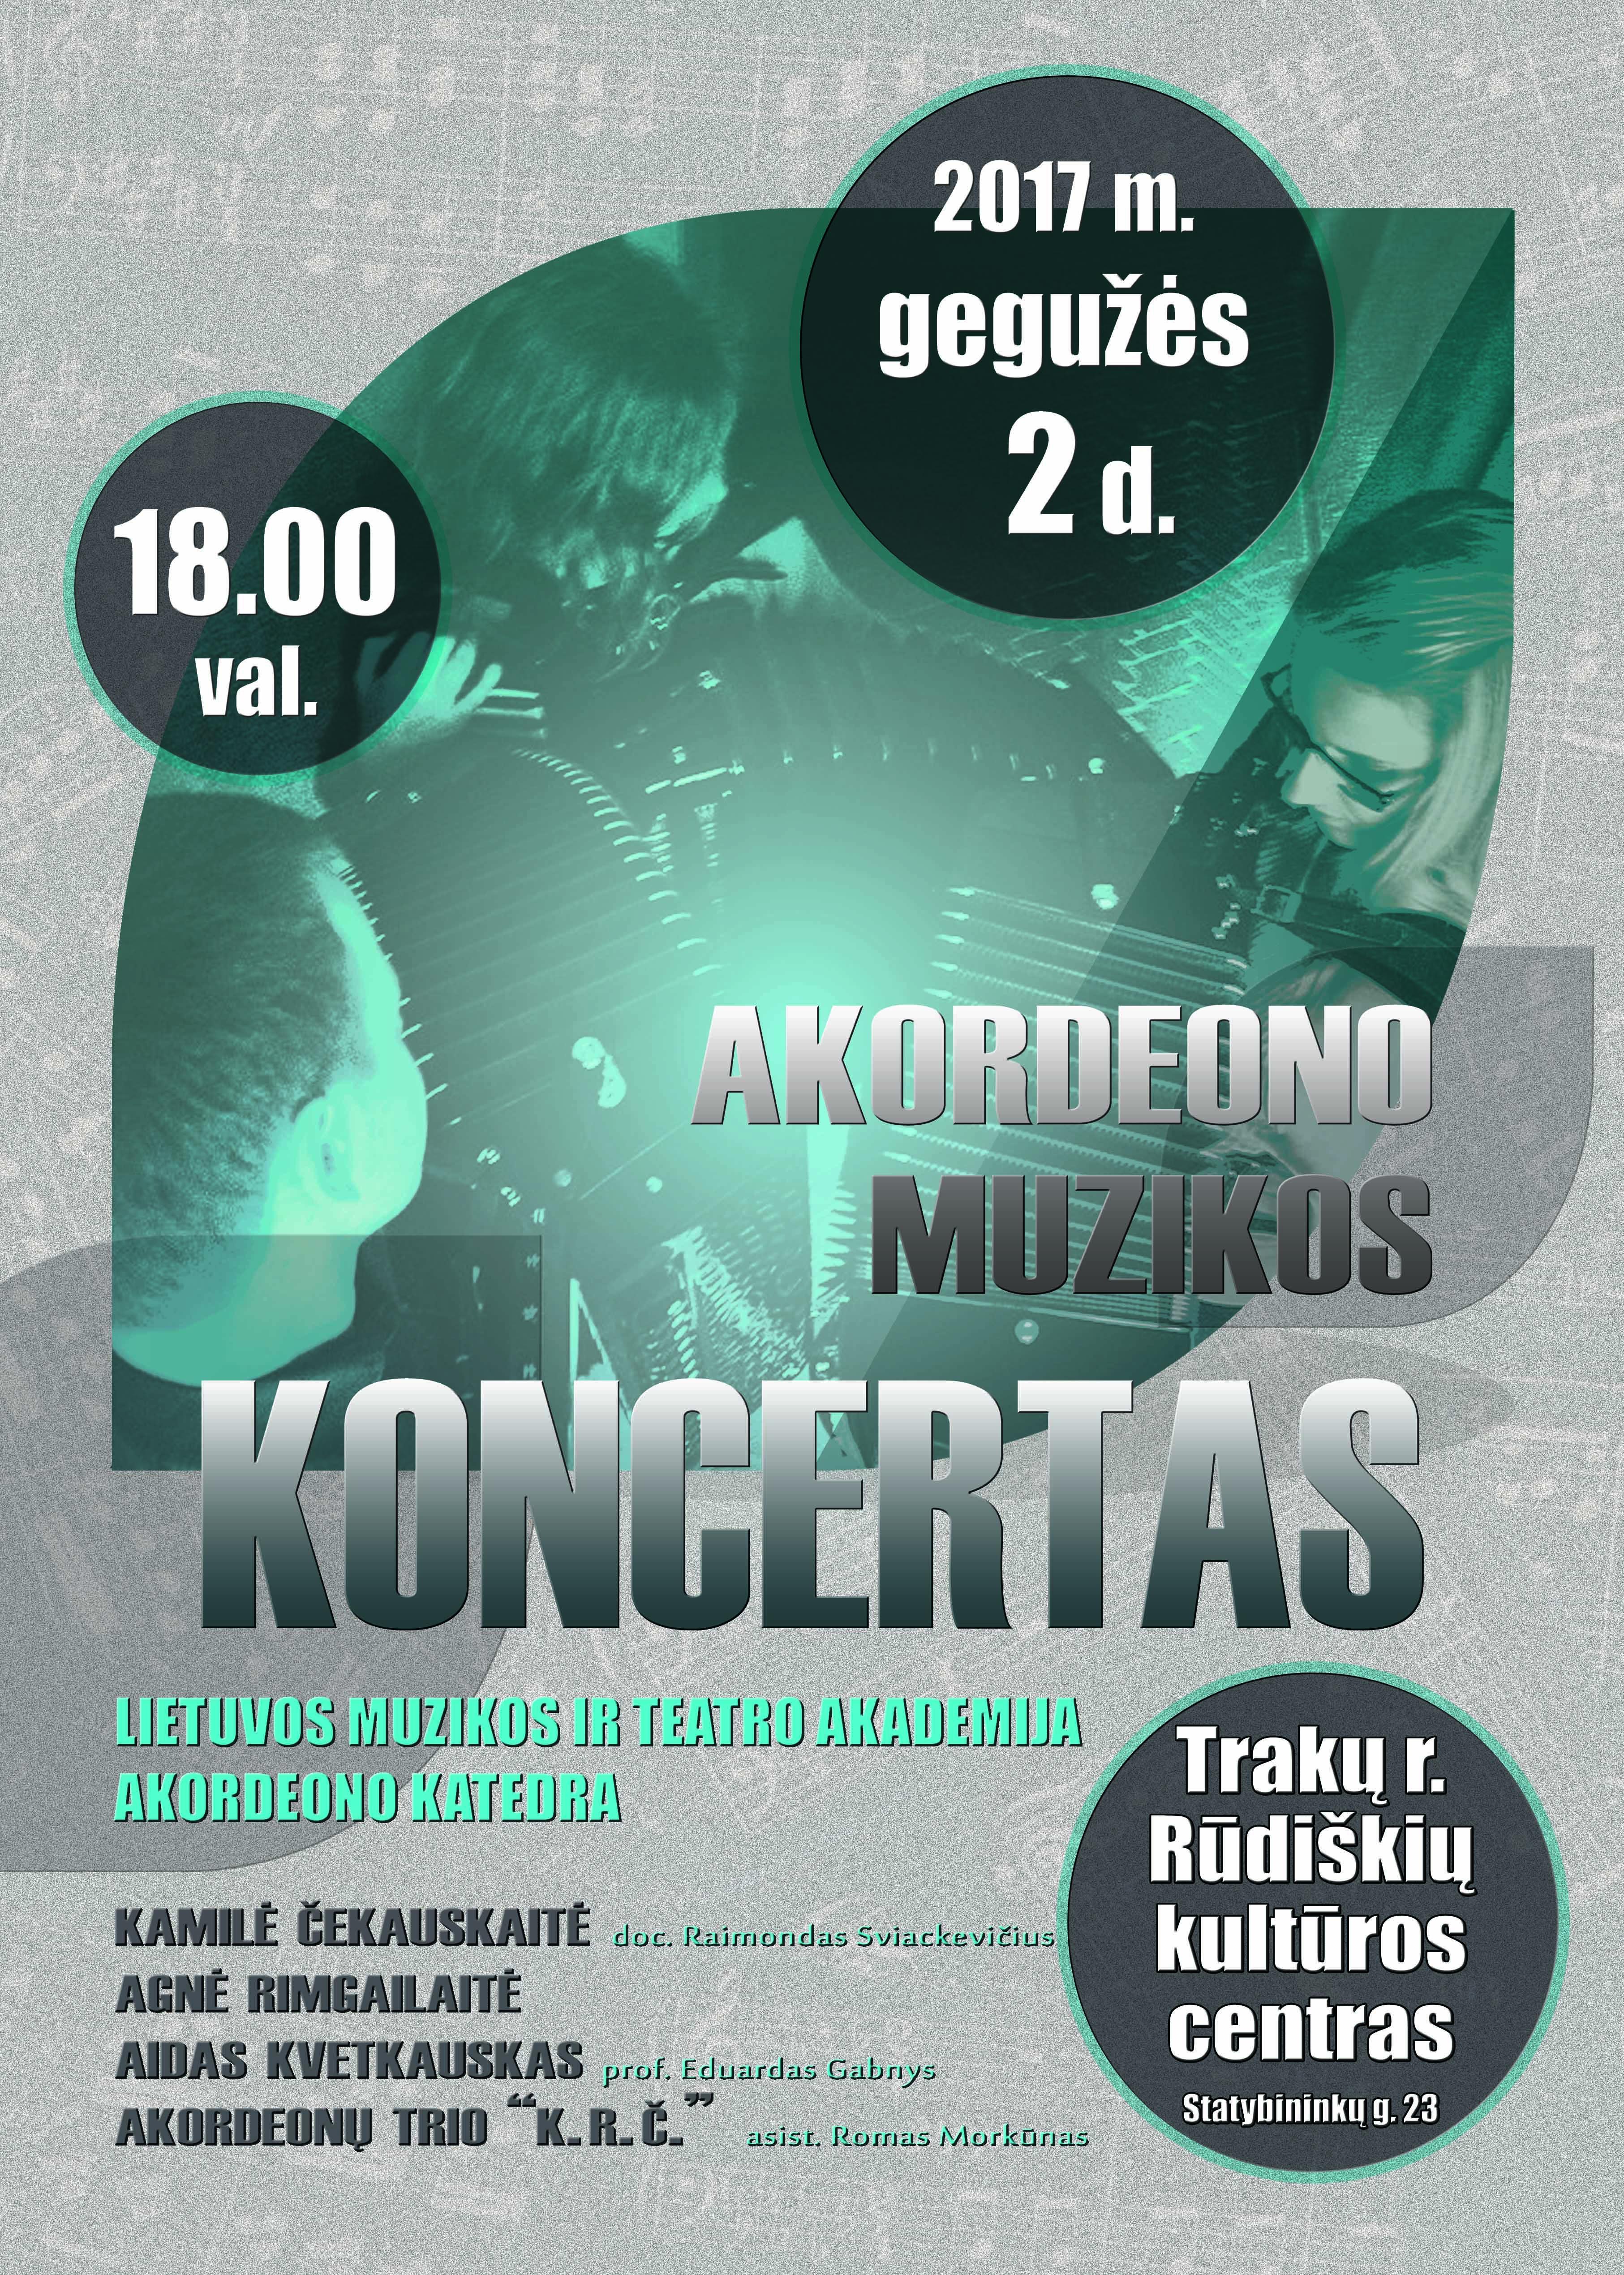 Koncertas_K_R_C_Rudiskes